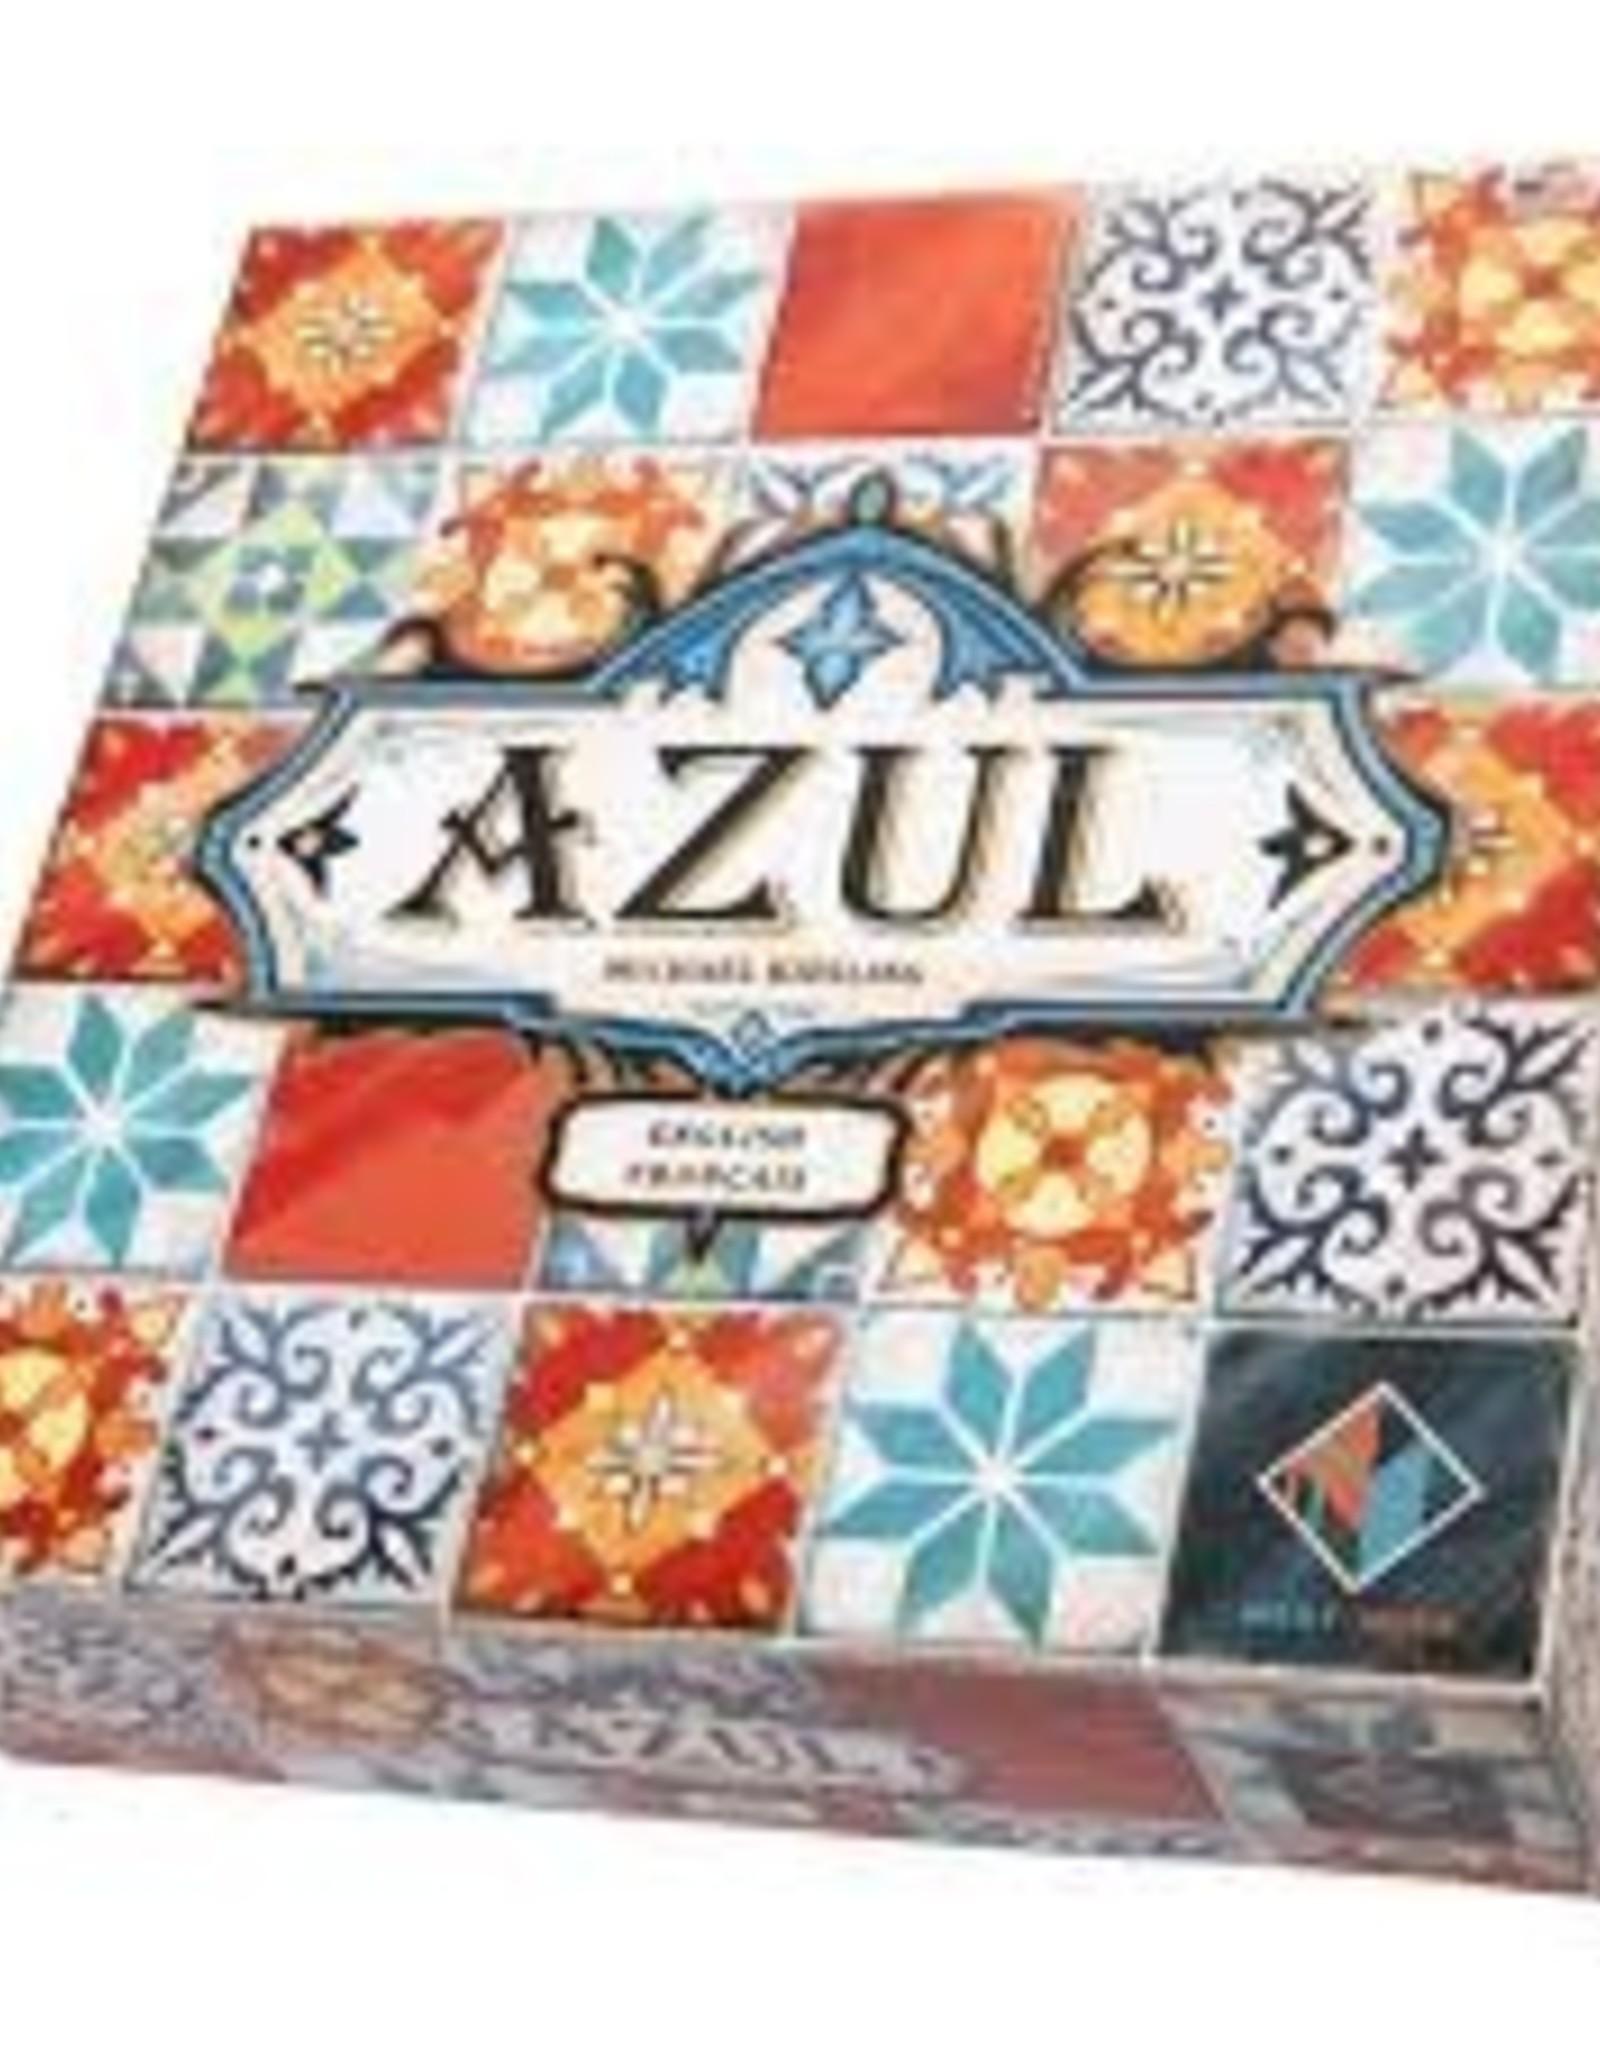 Next Move AZUL